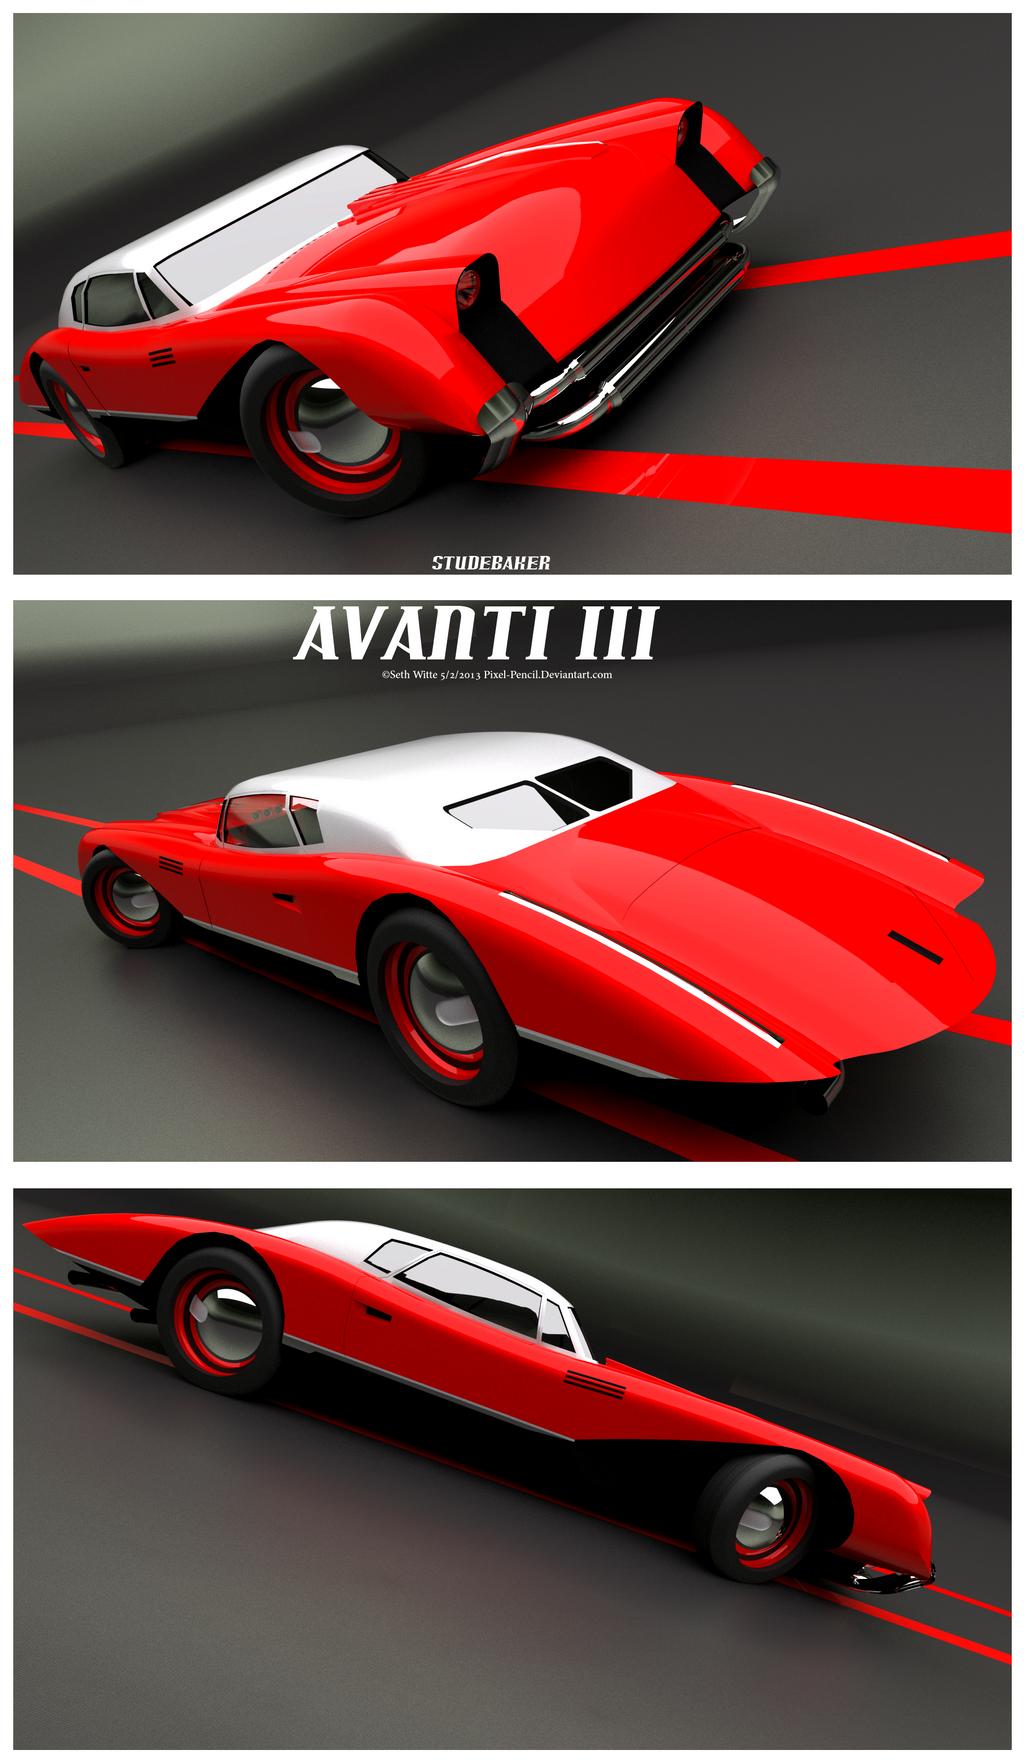 Studebaker Avanti III by Pixel-pencil